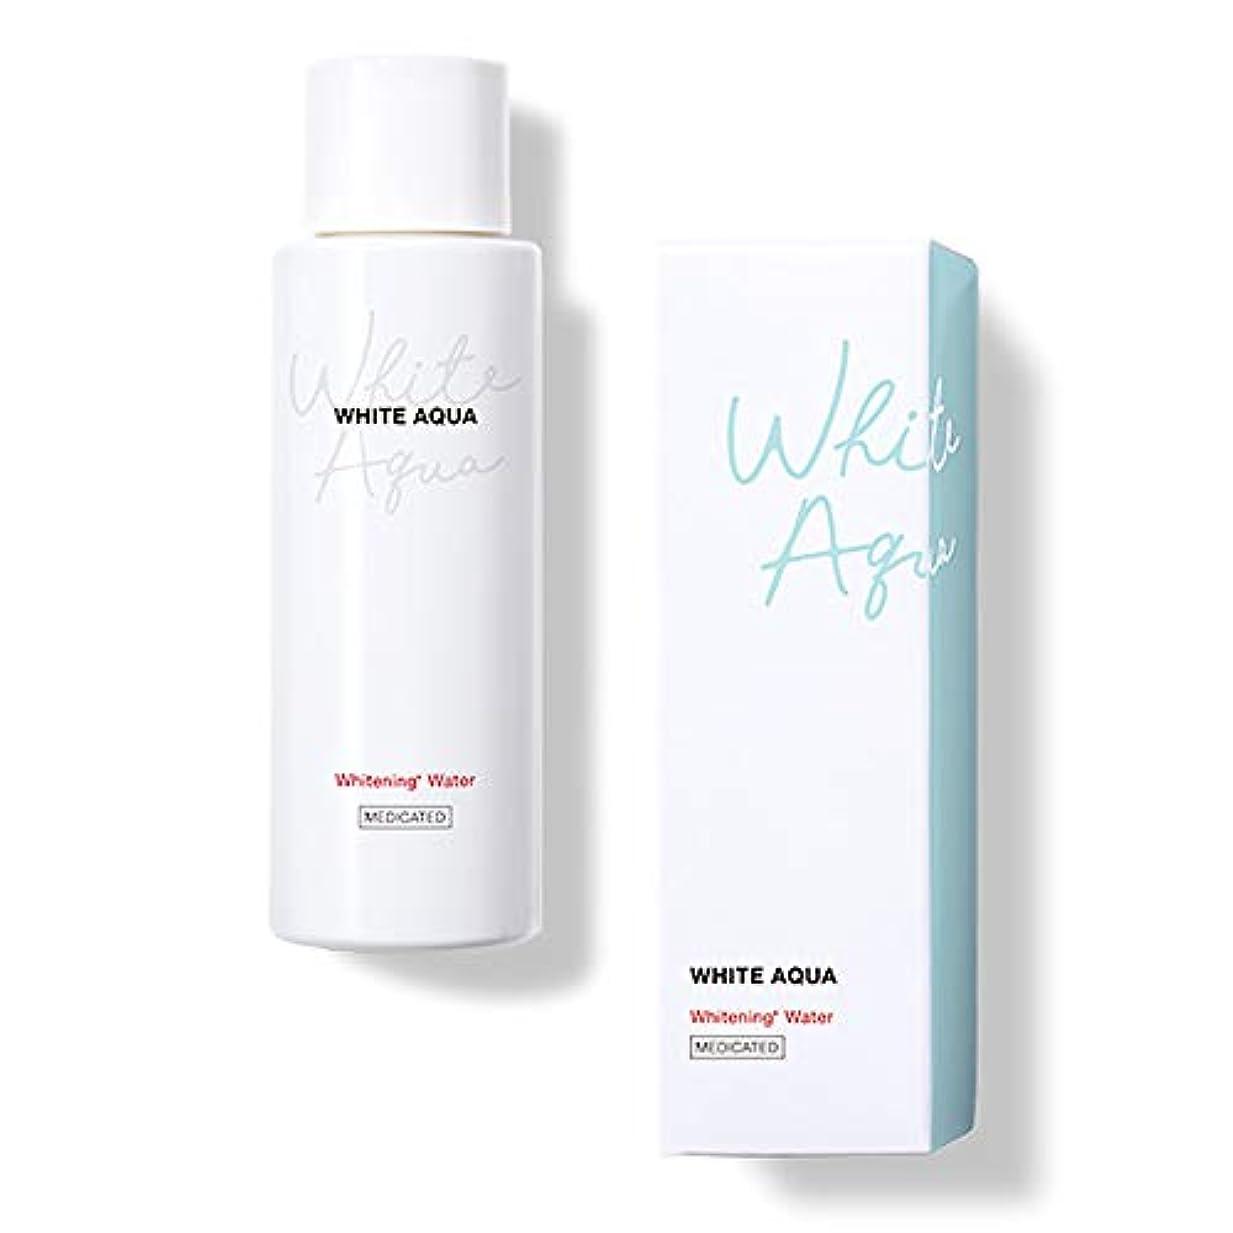 起業家屋内でエンドウホワイトアクア WHITE AQUA 薬用美白水